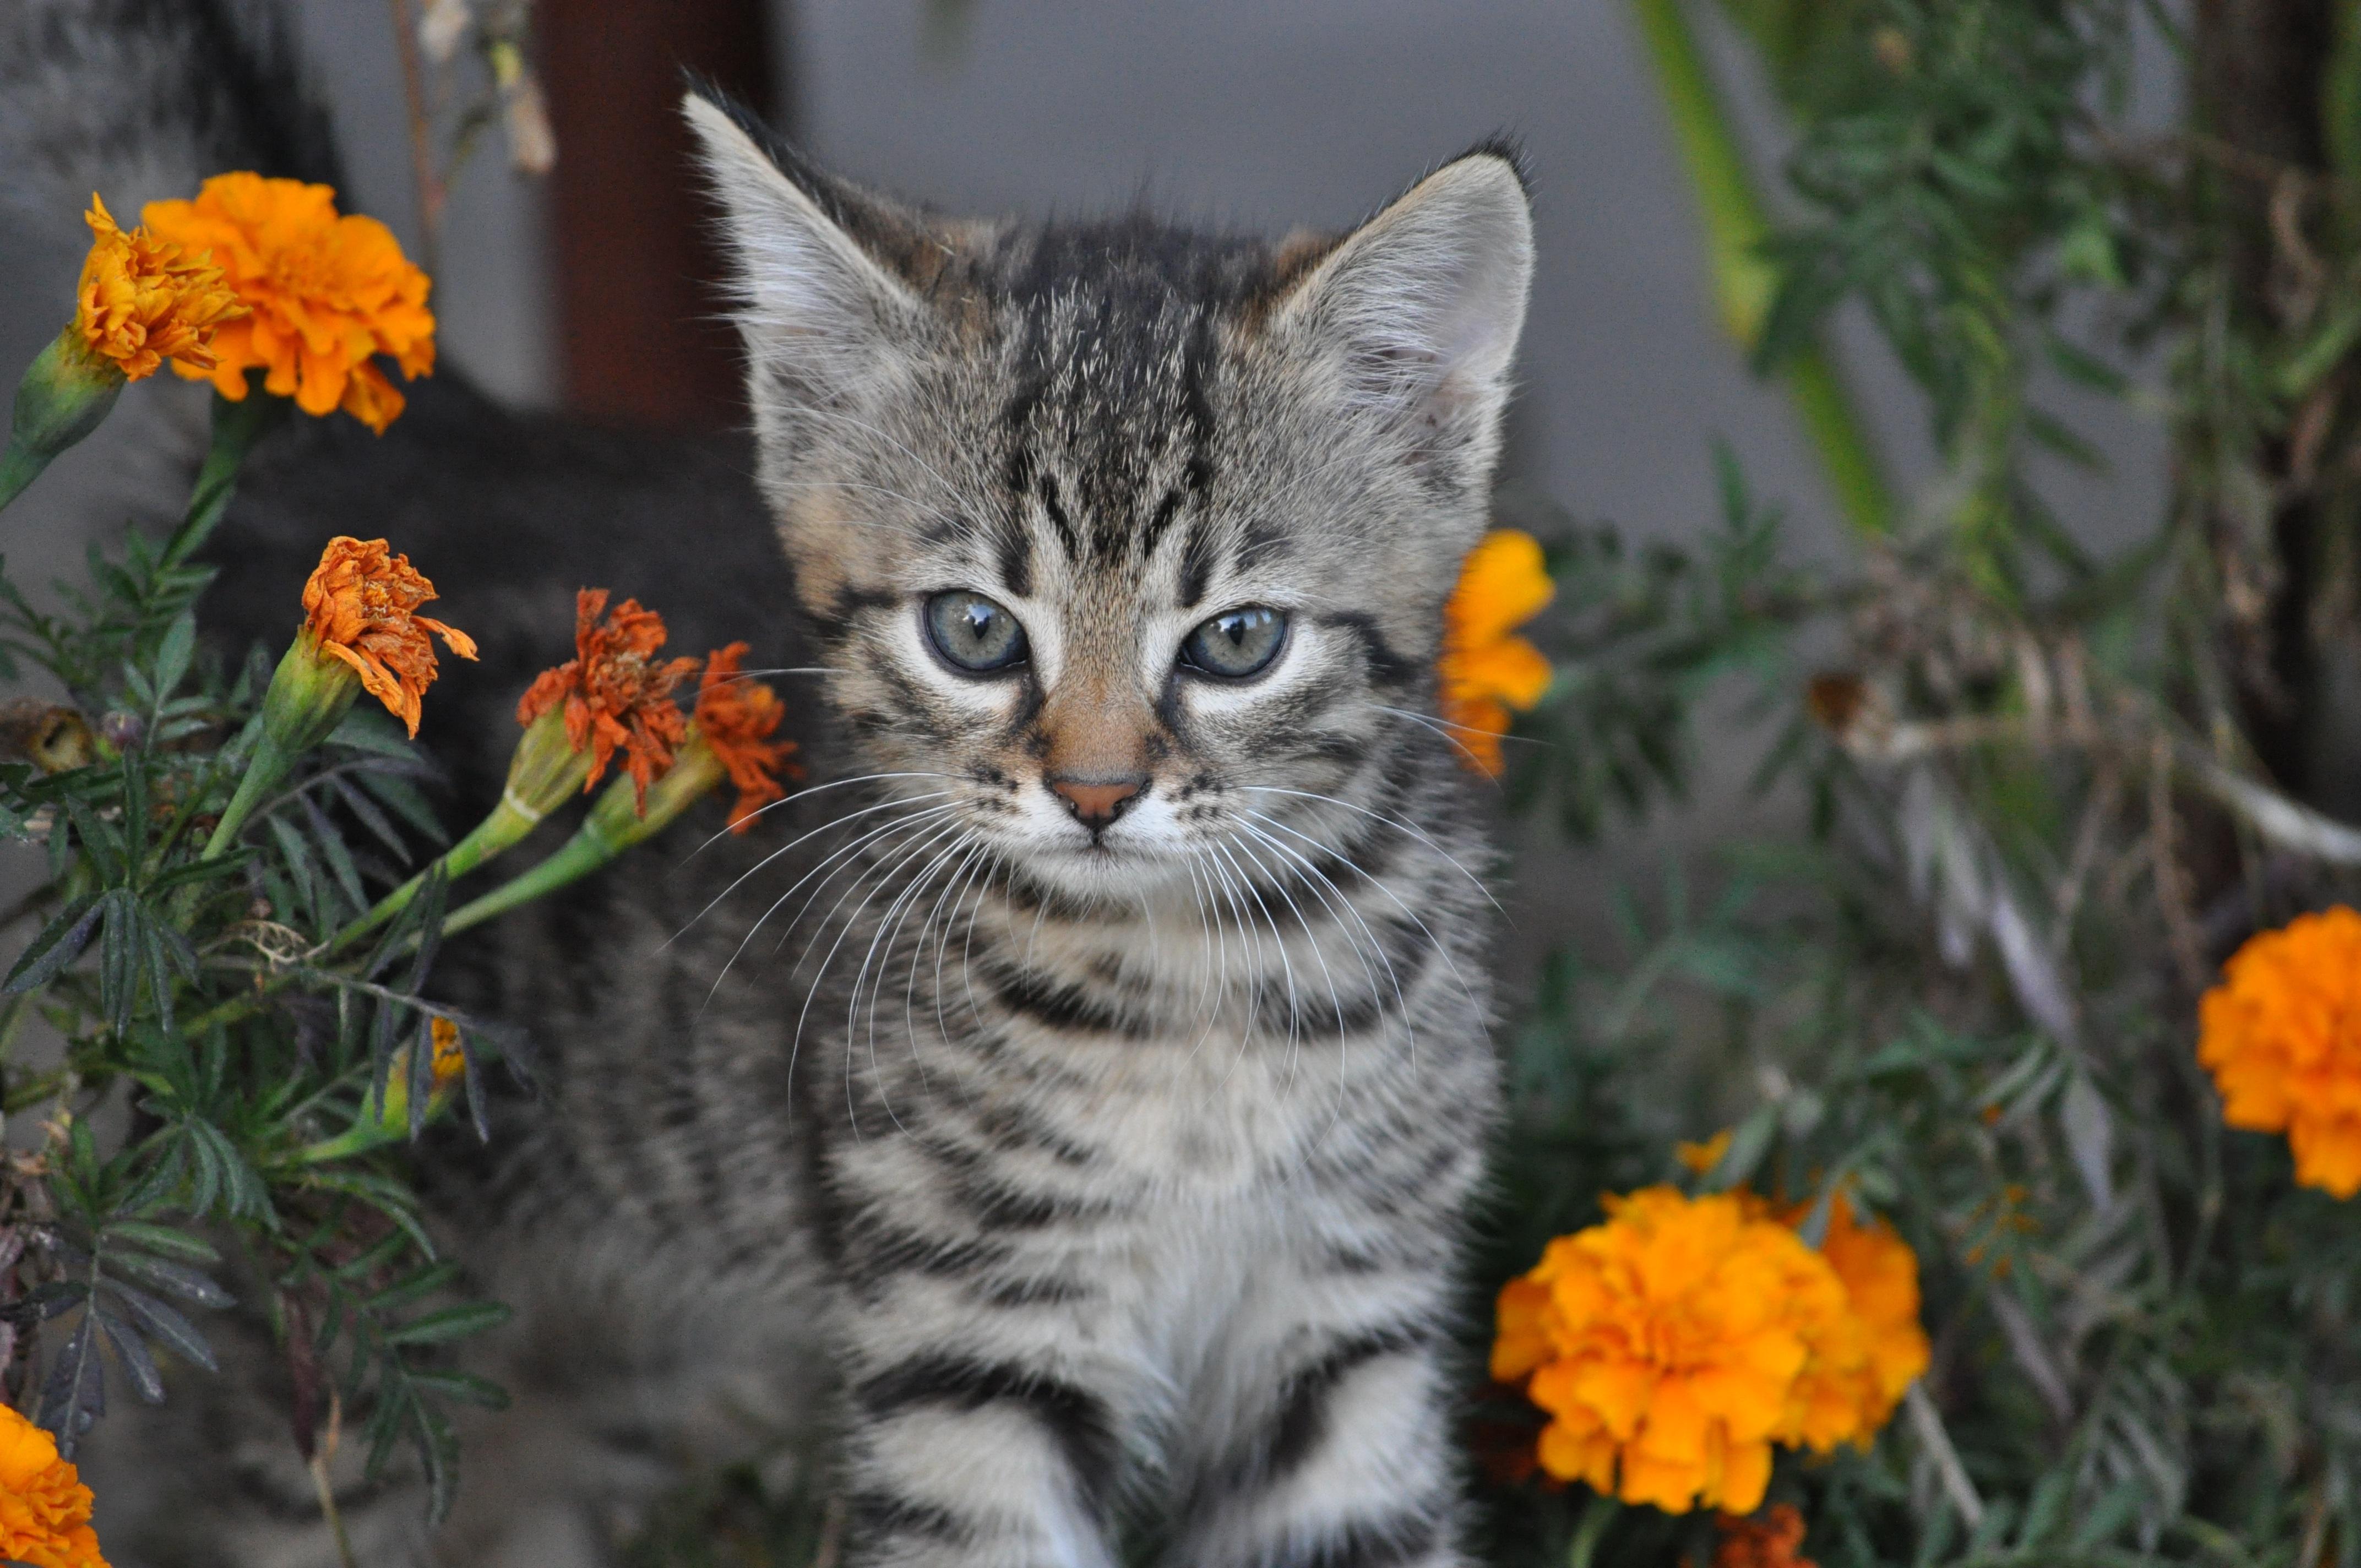 Darmowe Zdjęcia Kwiat Zwierzę Dzikiej Przyrody Futro Fauna